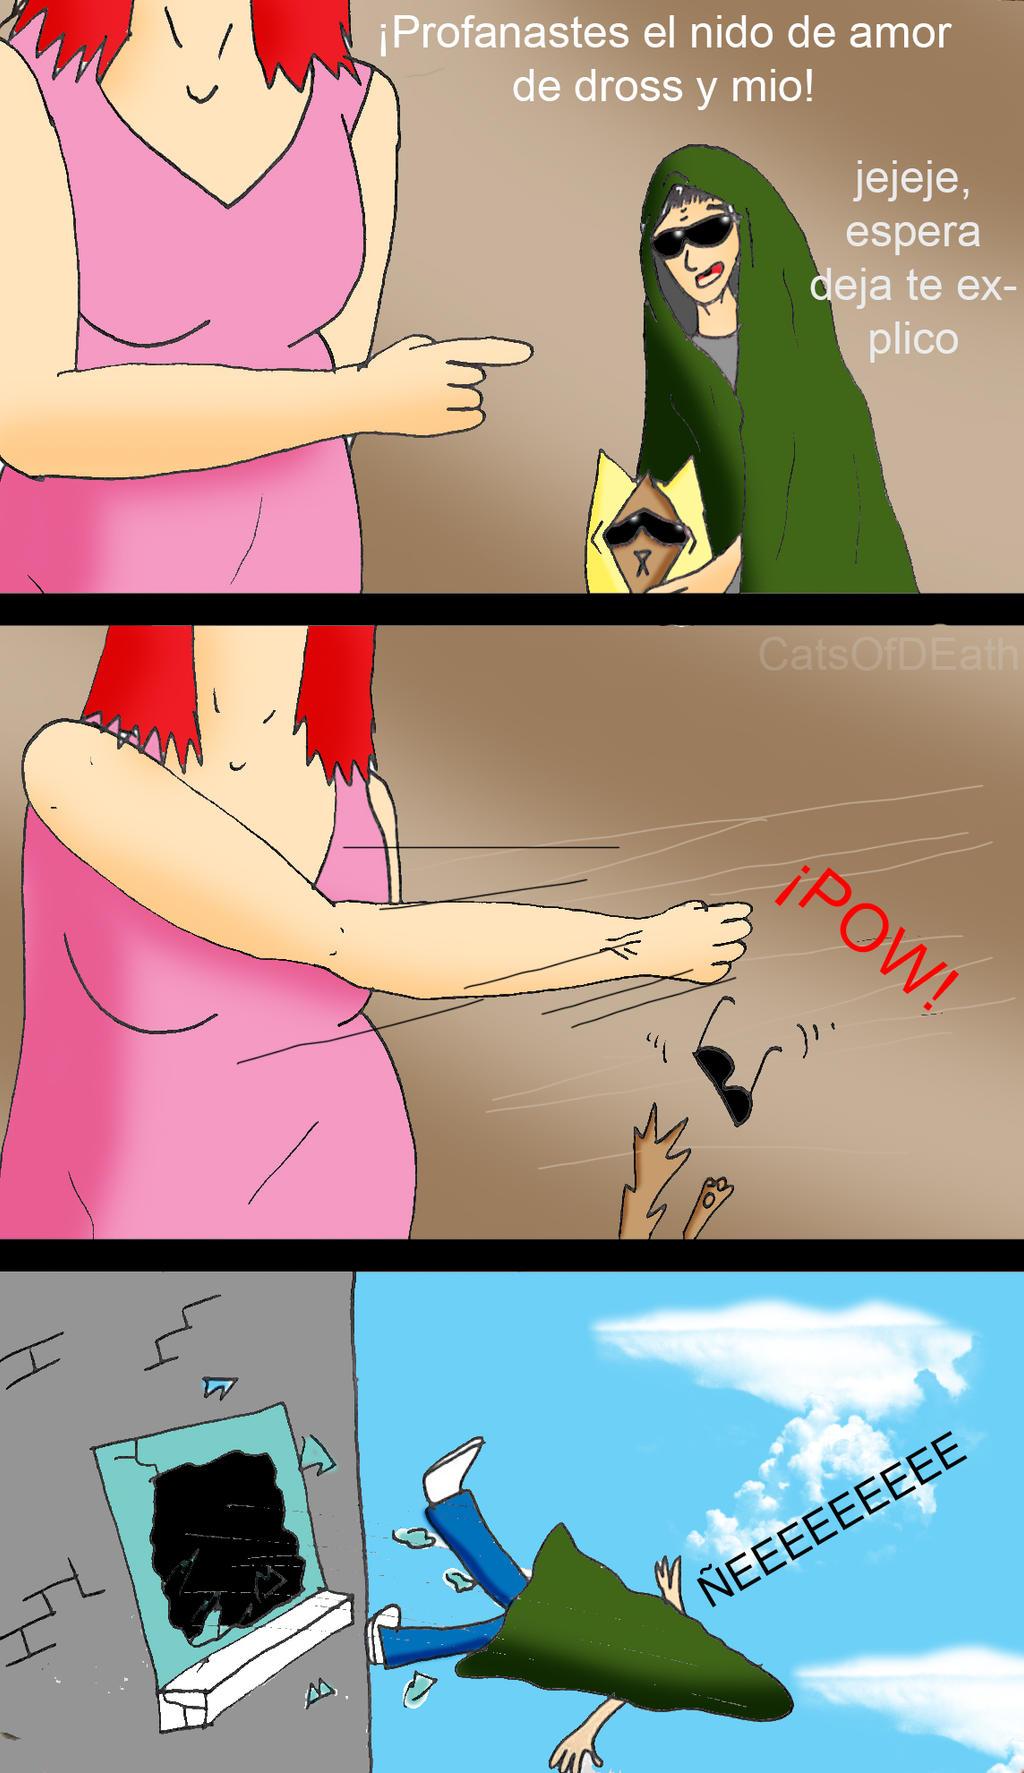 La Gorda contraataca by Catsofdeath